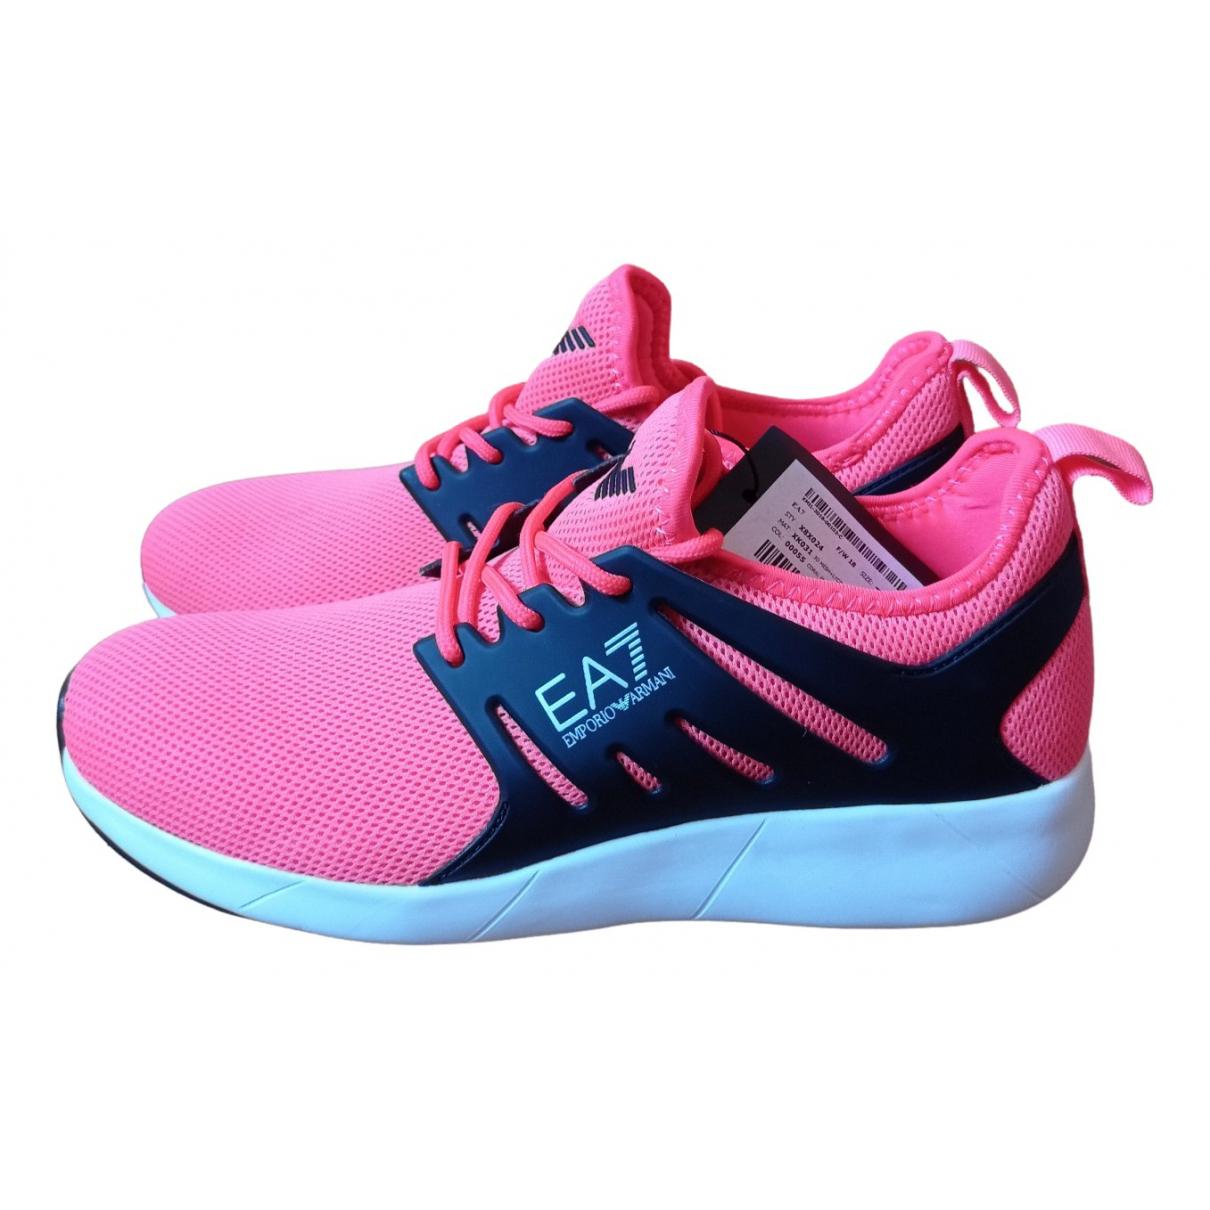 Emporio Armani - Baskets   pour femme en toile - rose